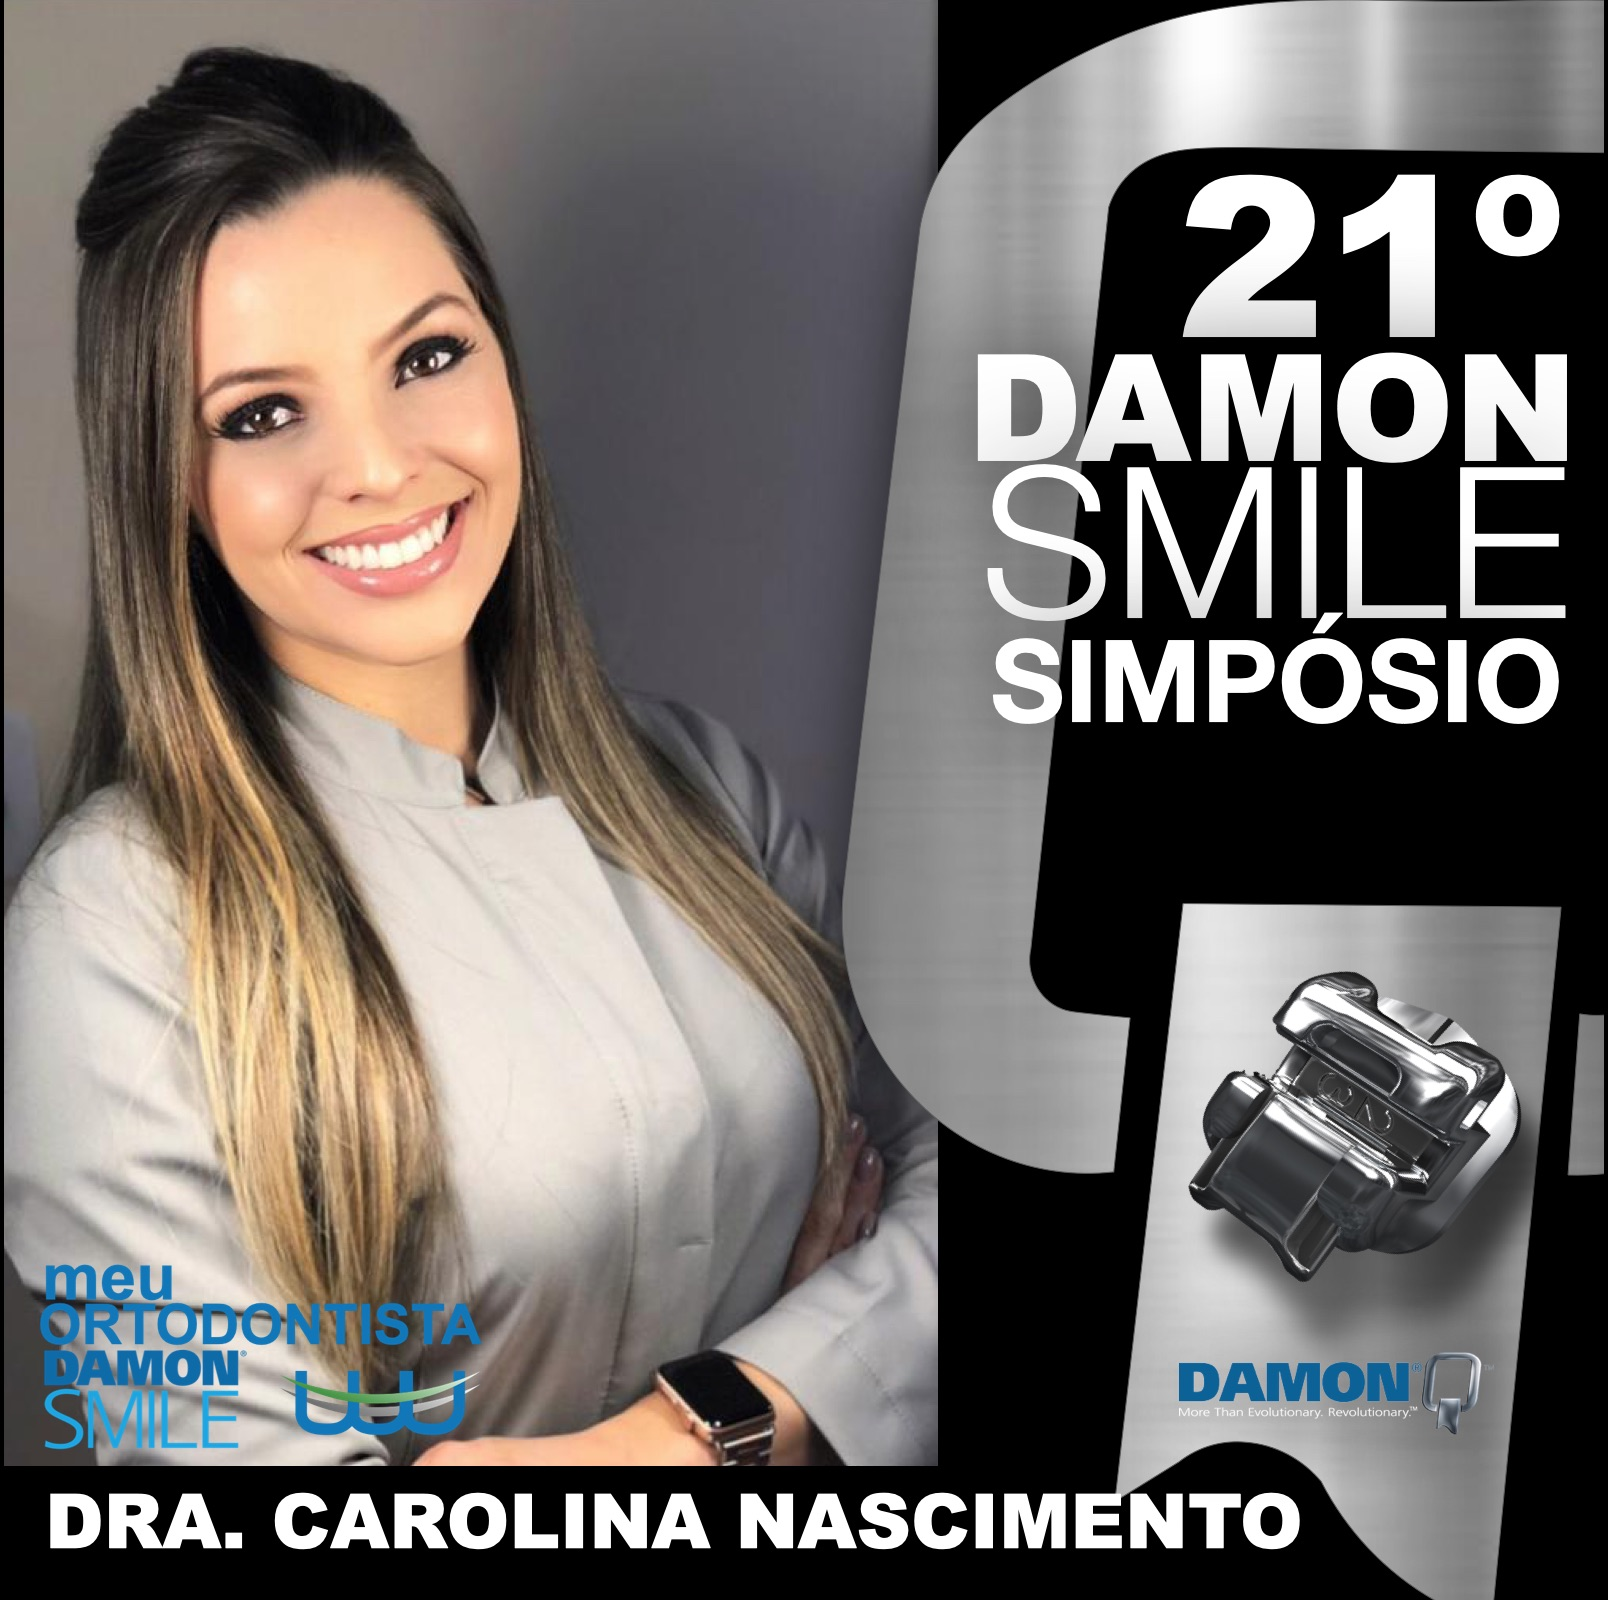 21 Damon Simposio Carolina